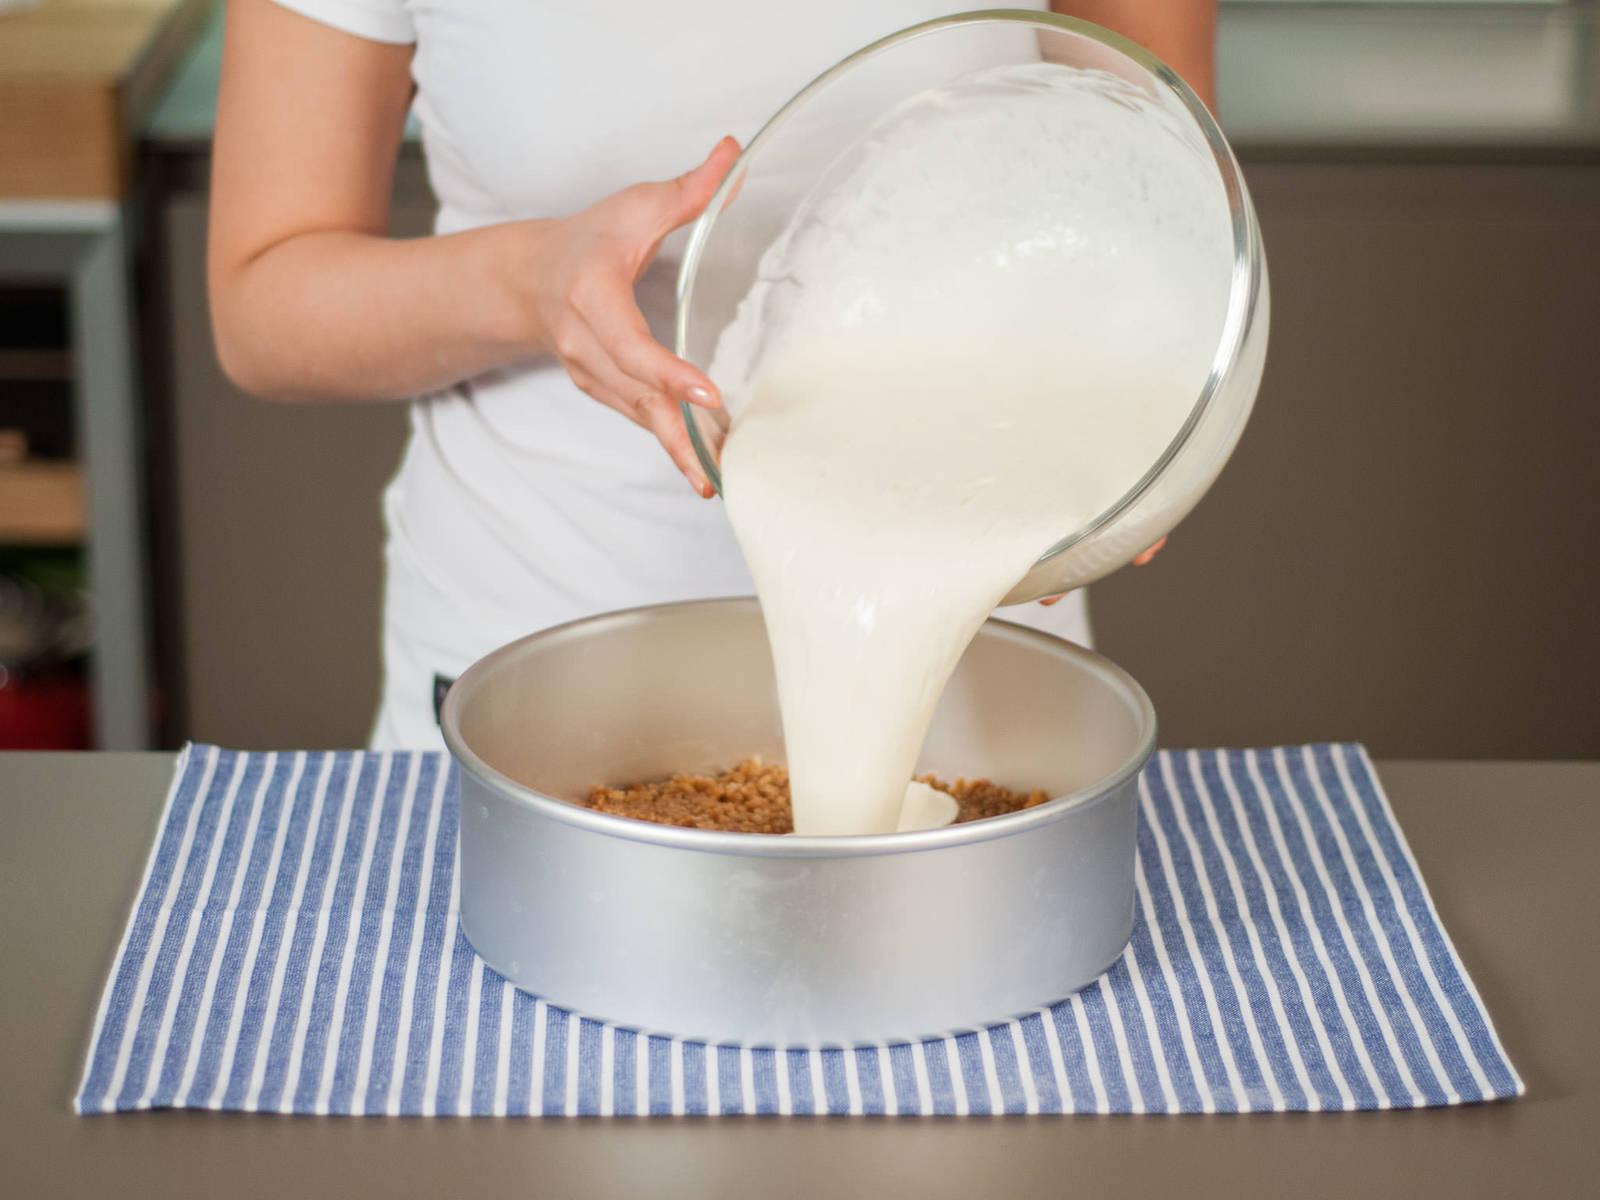 将混合物倒入烤模,并在工作台上轻轻敲击烤模,排出气泡。然后放入冰箱冷藏约3小时。